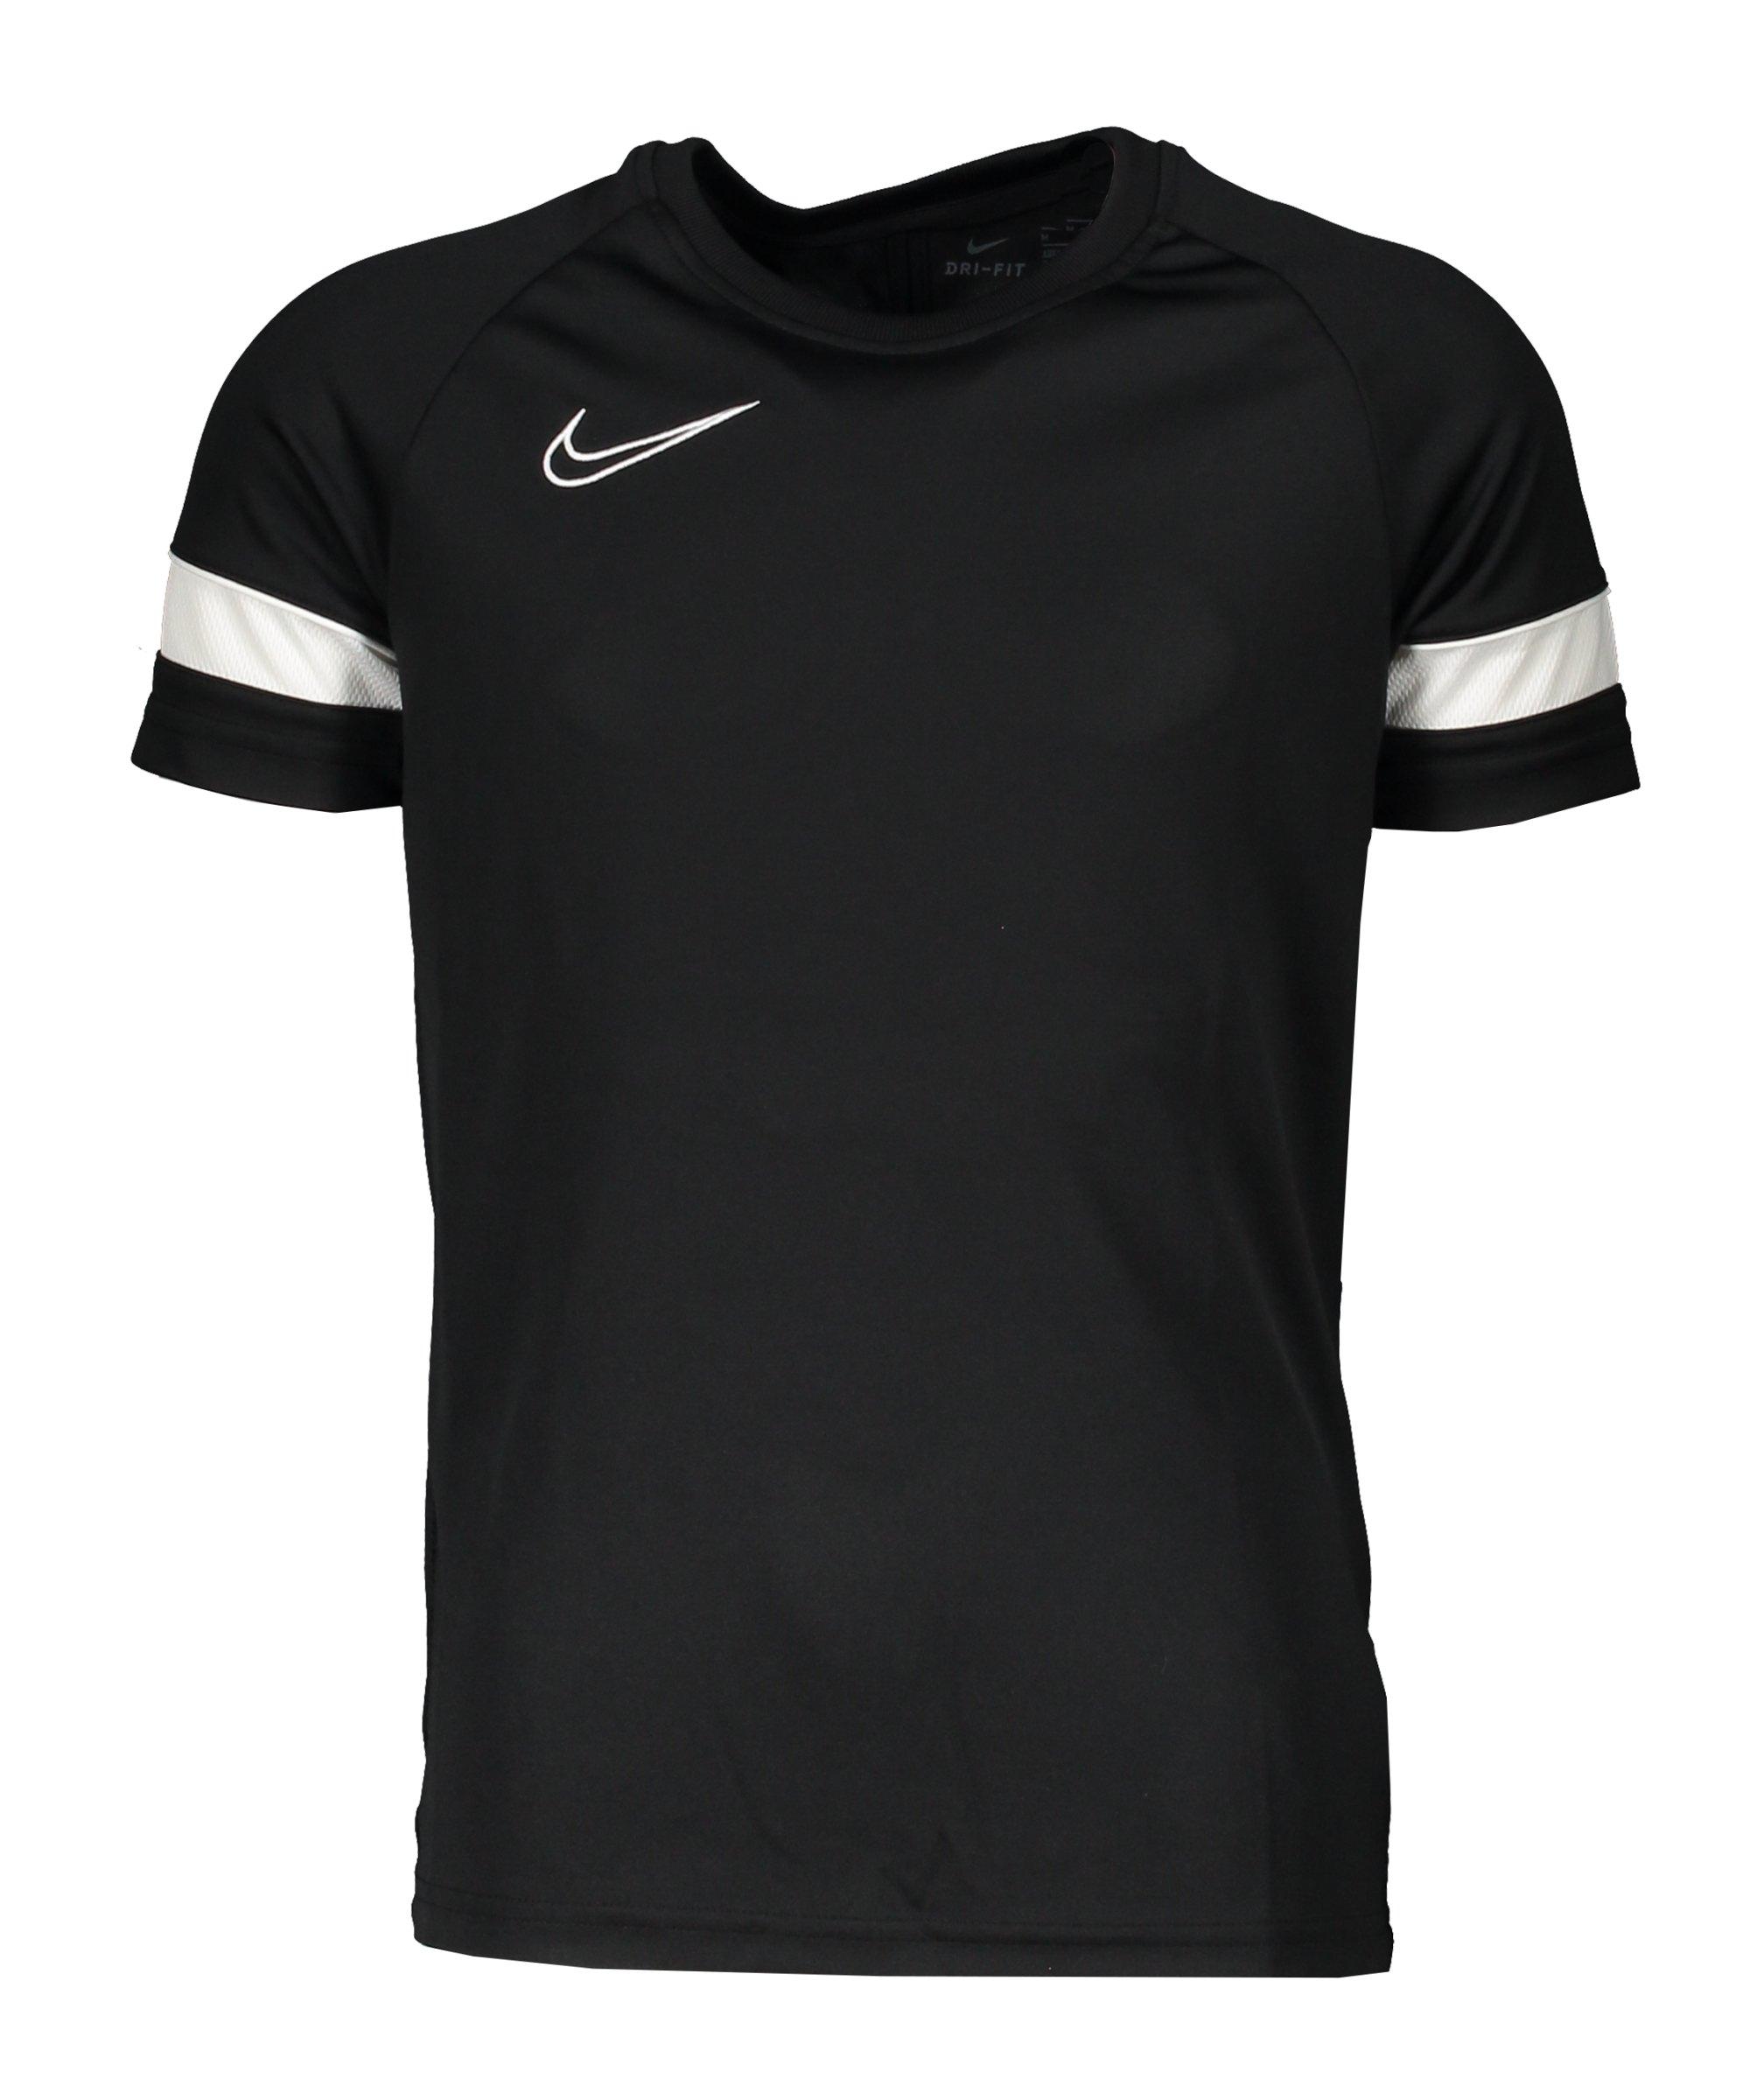 Nike Academy 21 T-Shirt Kids Schwarz F010 - schwarz